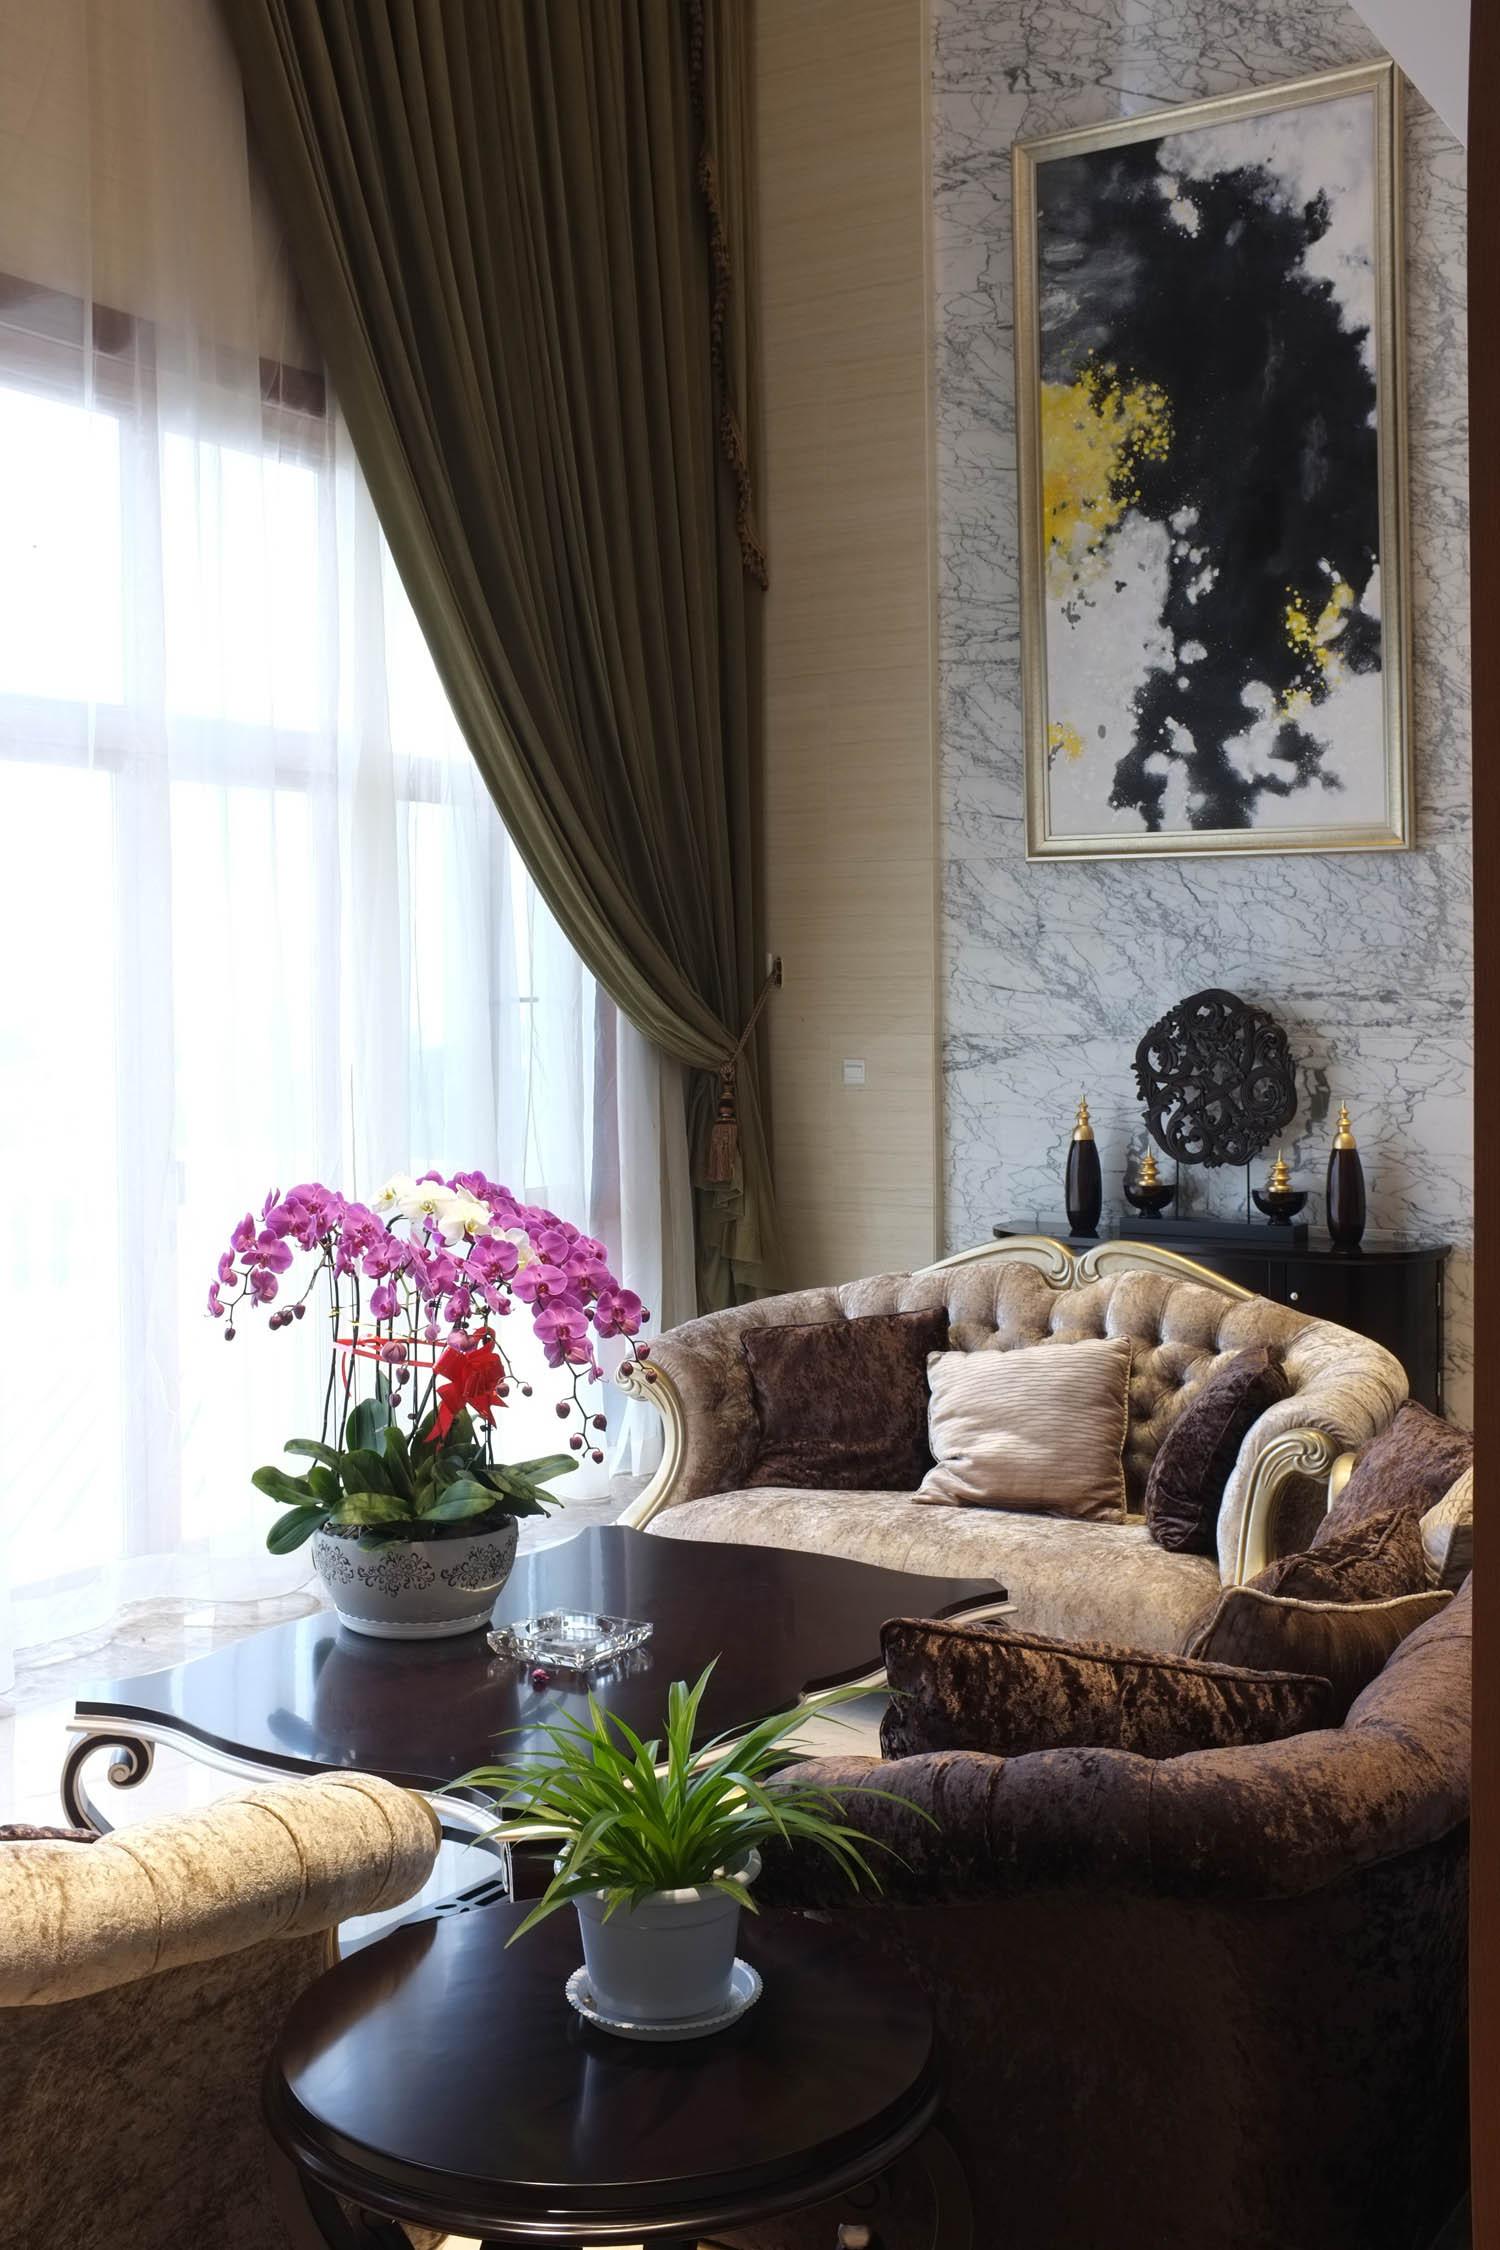 简欧风格别墅装修沙发图片